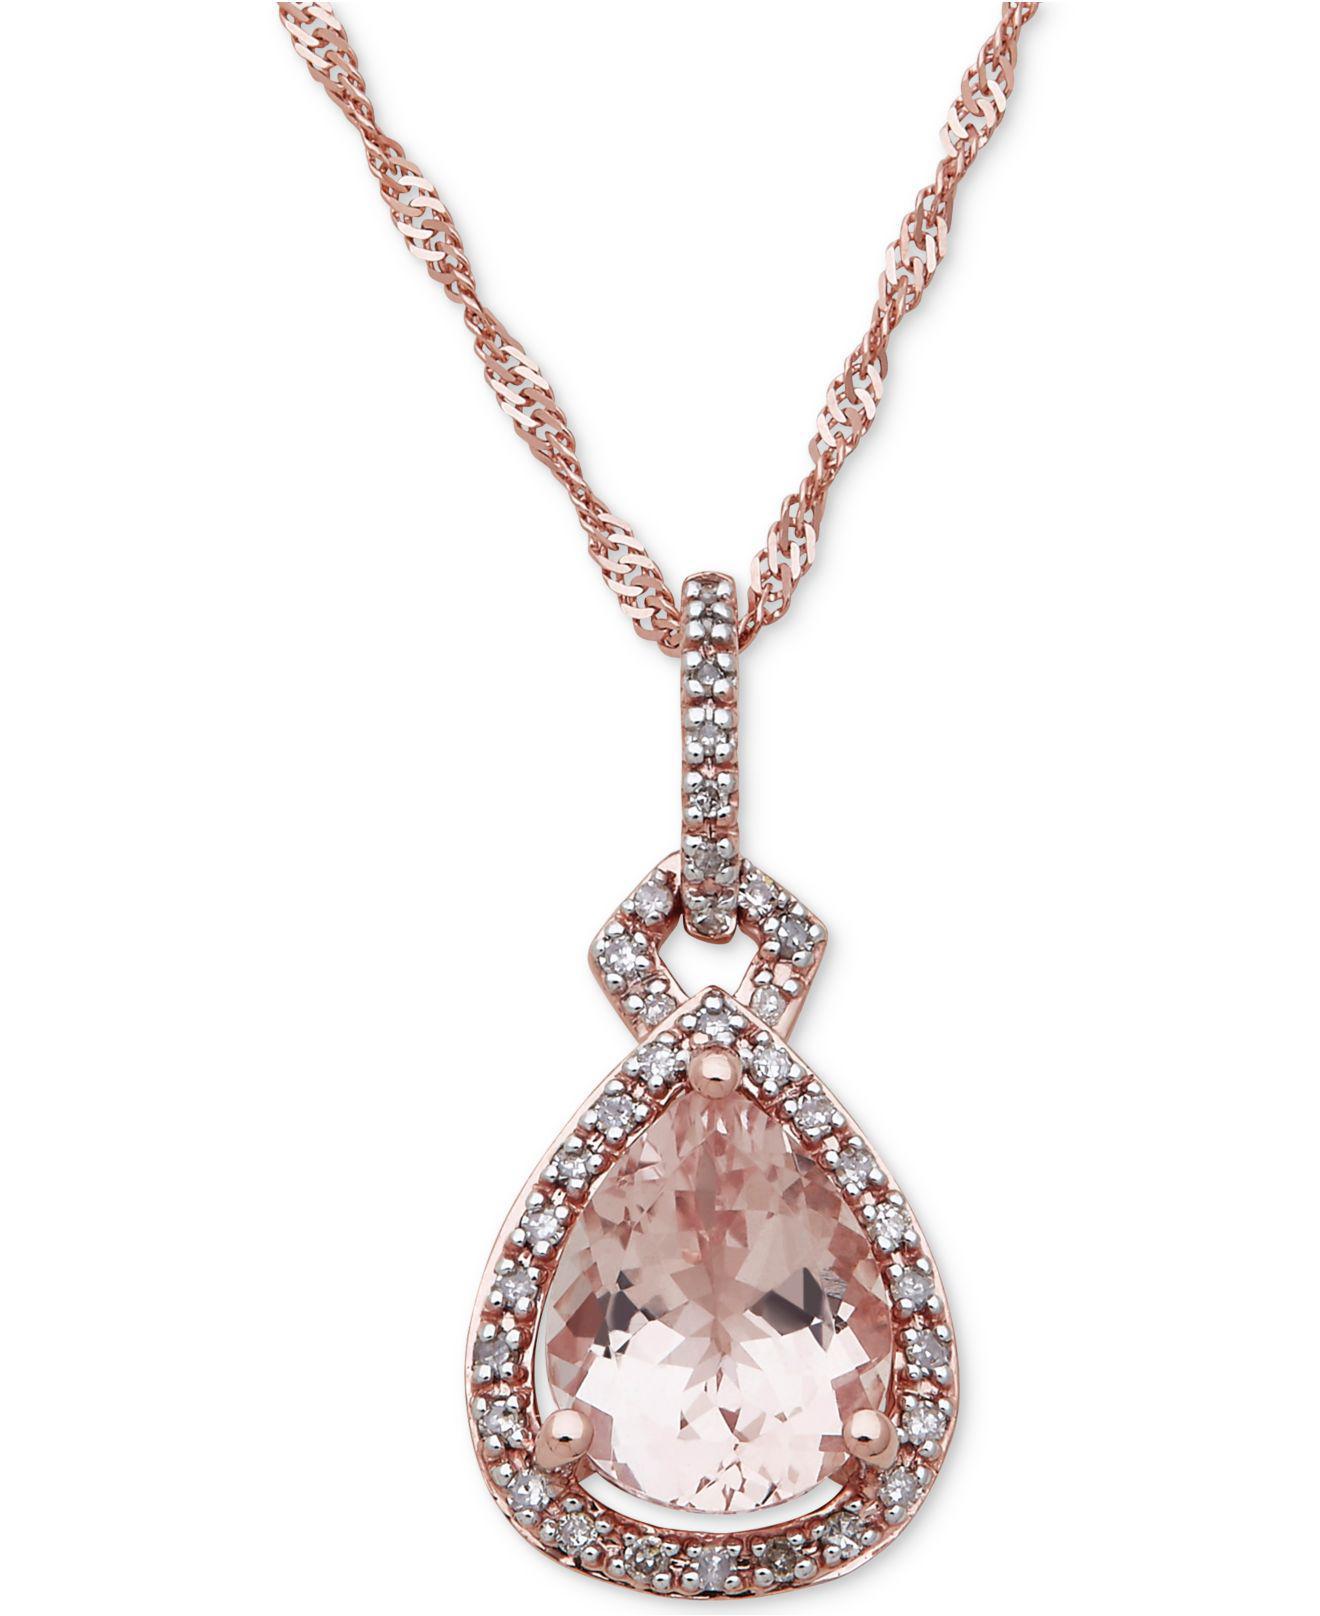 0558e3f0ccfeb Macy's Metallic Morganite (2 Ct. T.w.) & Diamond (1/6 Ct. T.w.) Pendant  Necklace In 10k Rose Gold